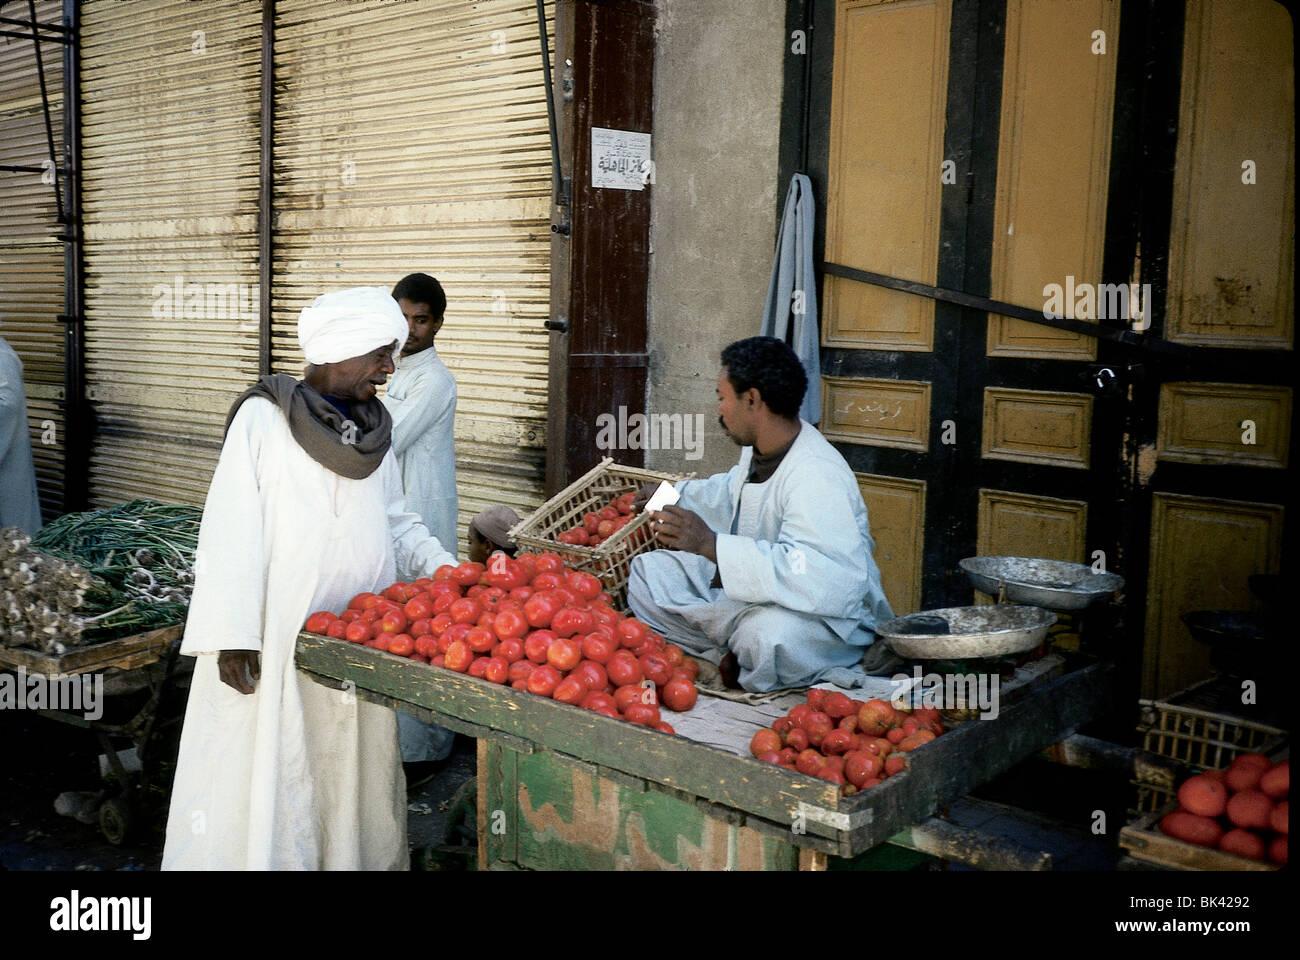 Vegetable Market, Egypt - Stock Image